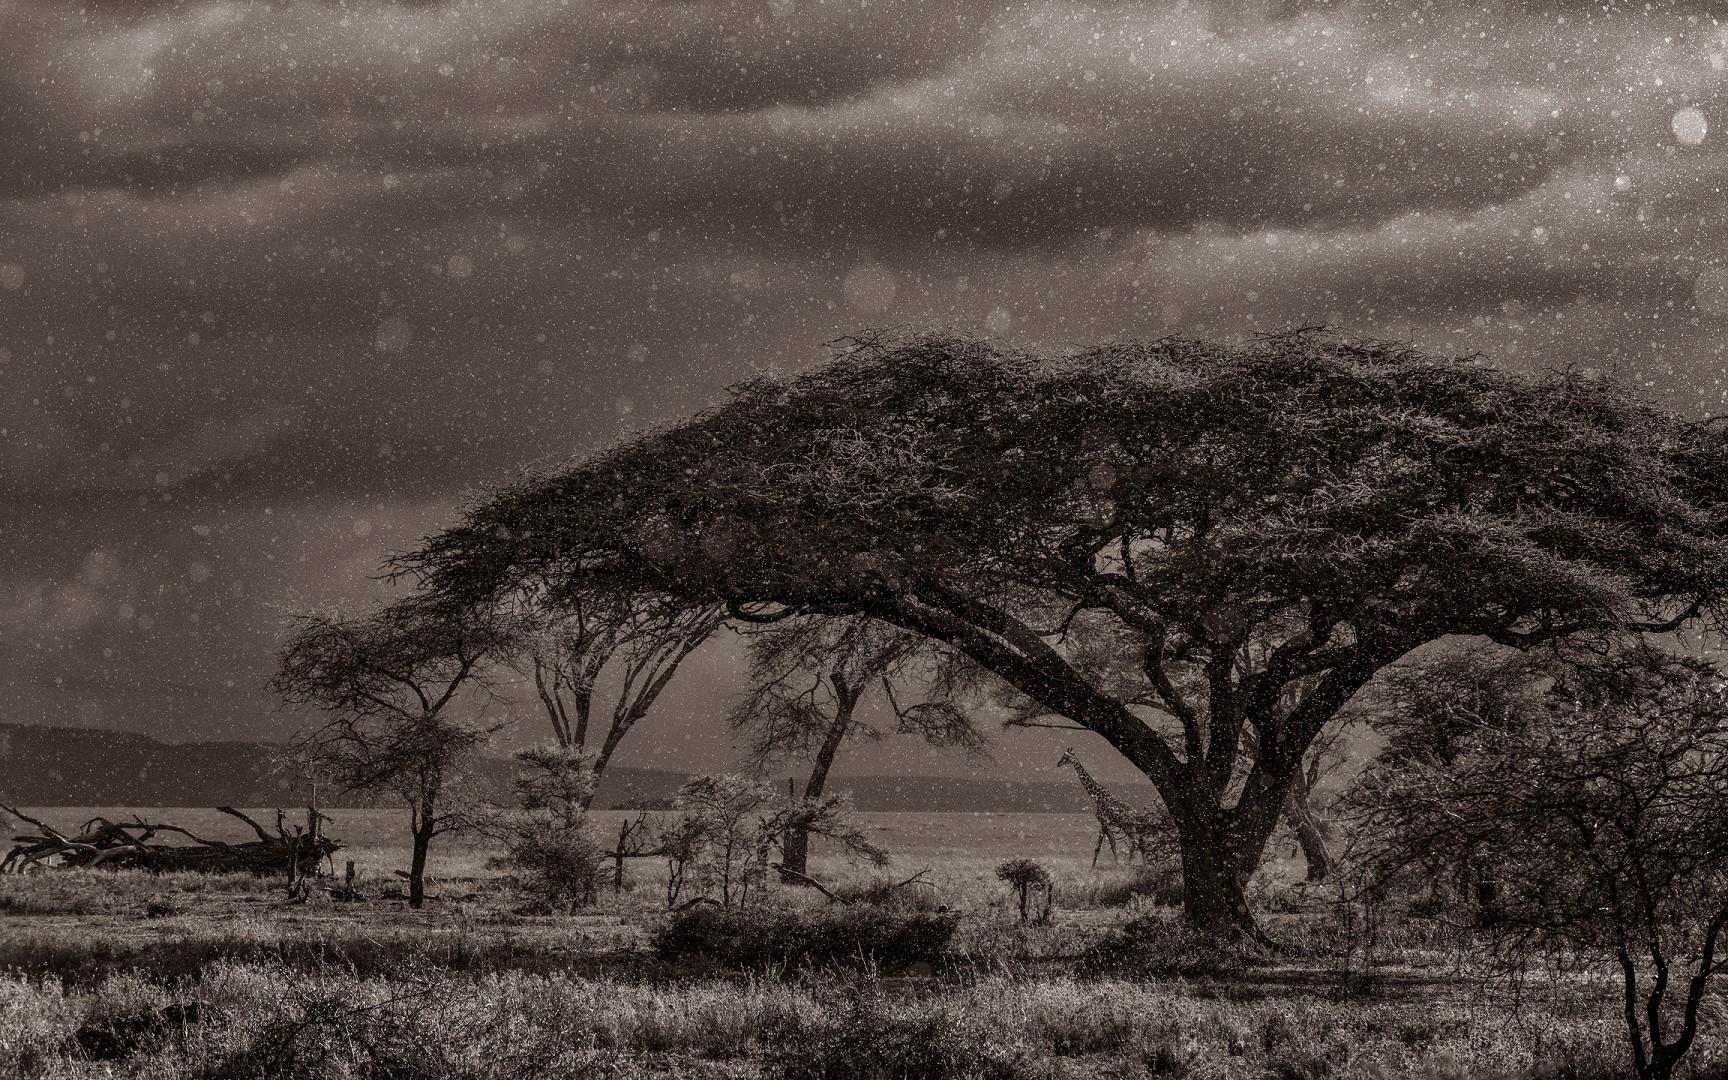 Giraffe walking in the rain against the light